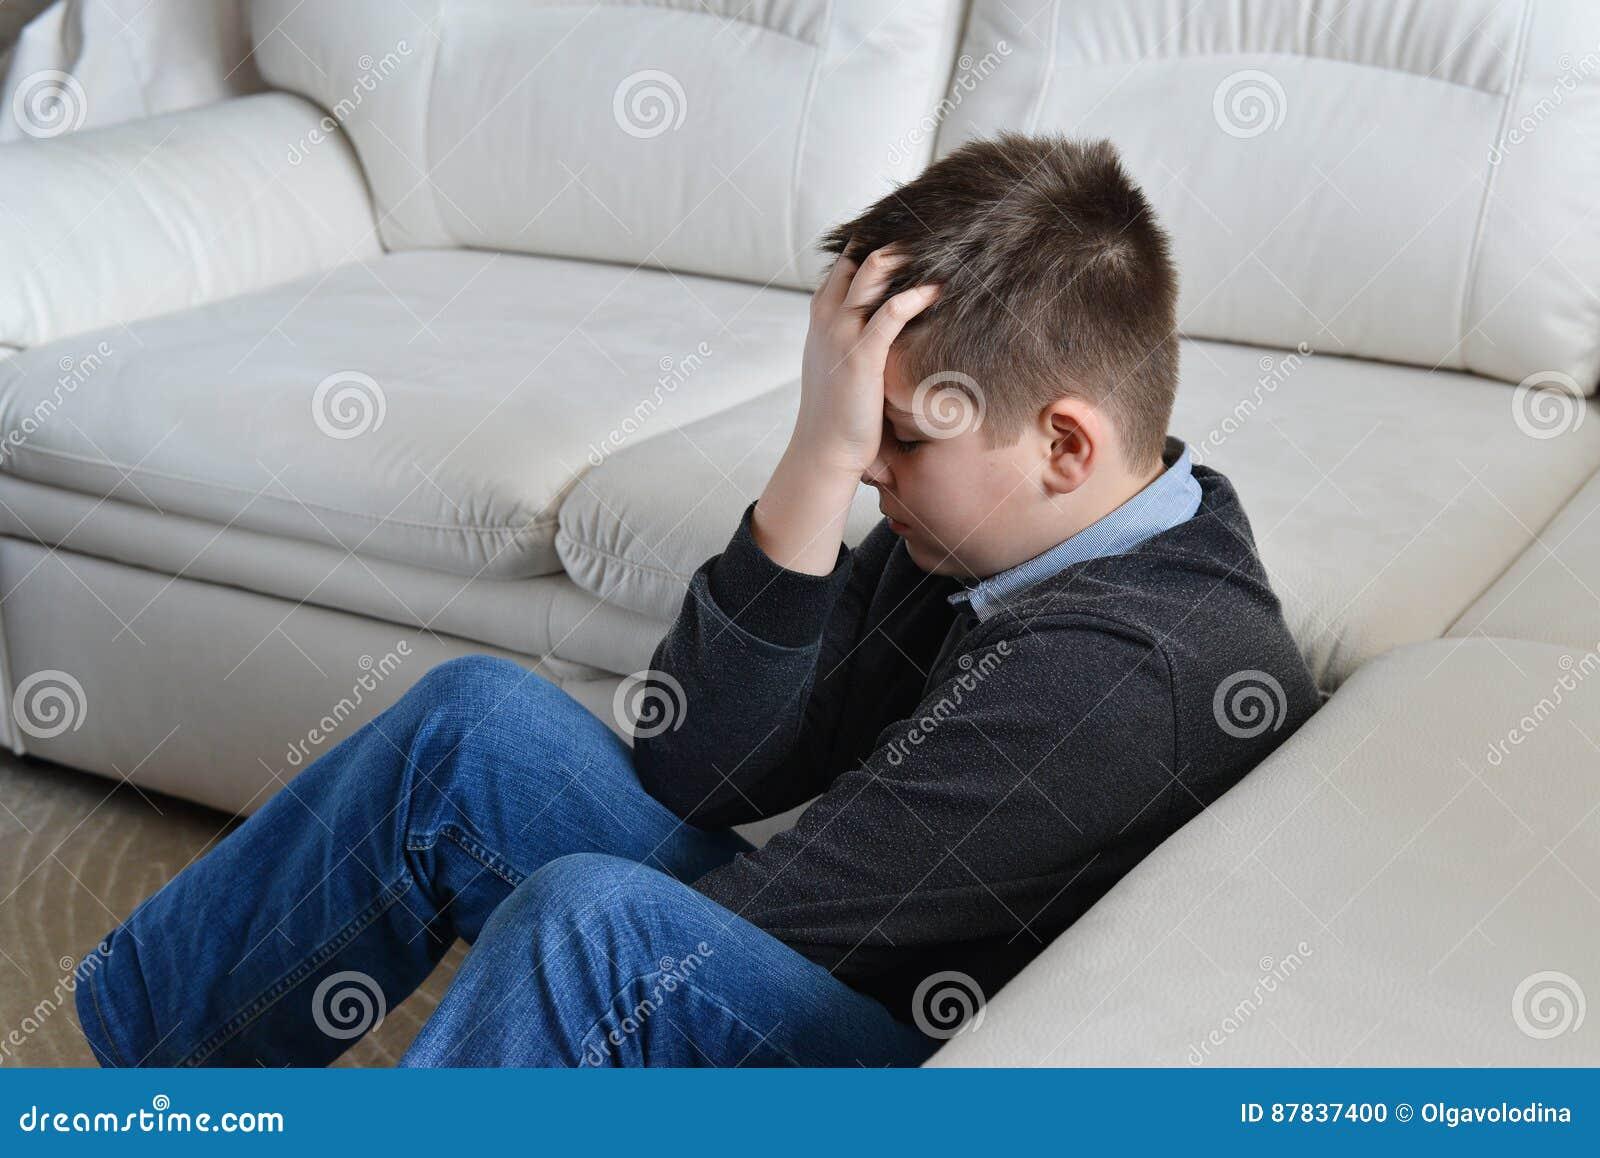 Umgekippter Jugendlicher 13 Jahre sitzend nahe Couch und seinen Kopf in den Händen halten